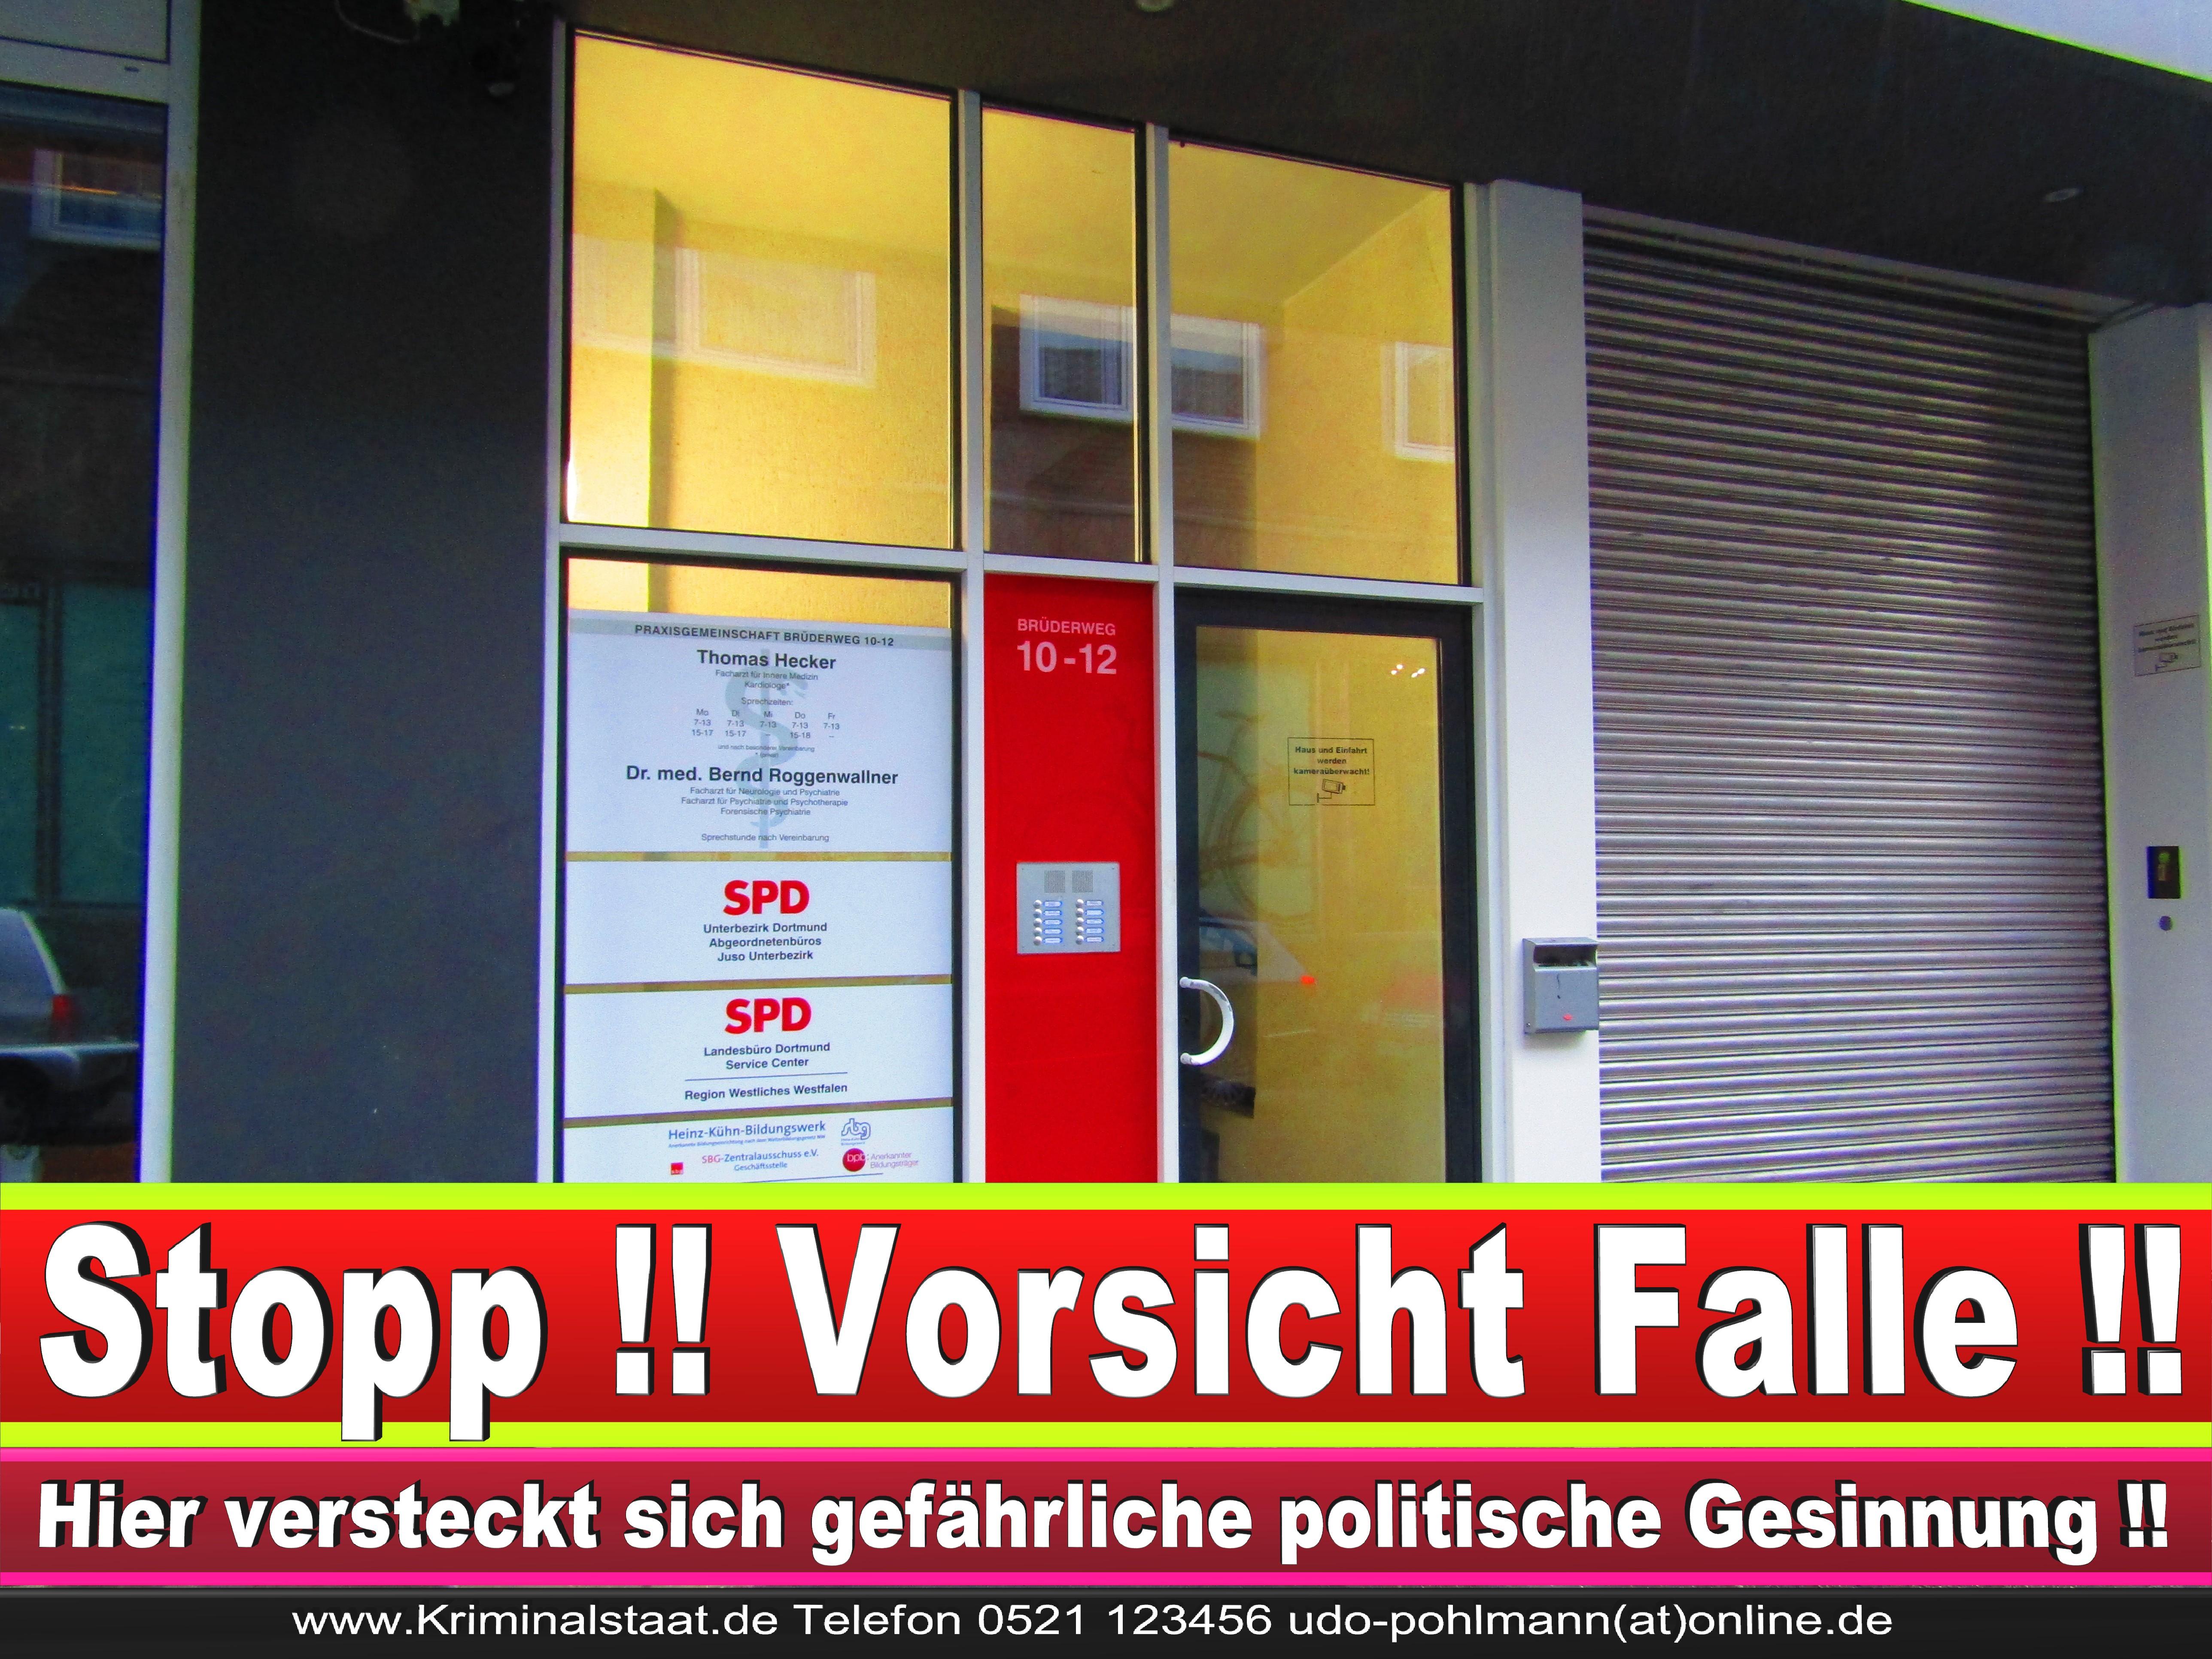 SPD DORTMUND UNTERBEZIRK BüRGERBüRO SPD ORTSVERBAND RAT STADT RATSMITGLIEDER SPD FRAKTION SPD NRW ADRESSE (19) 1